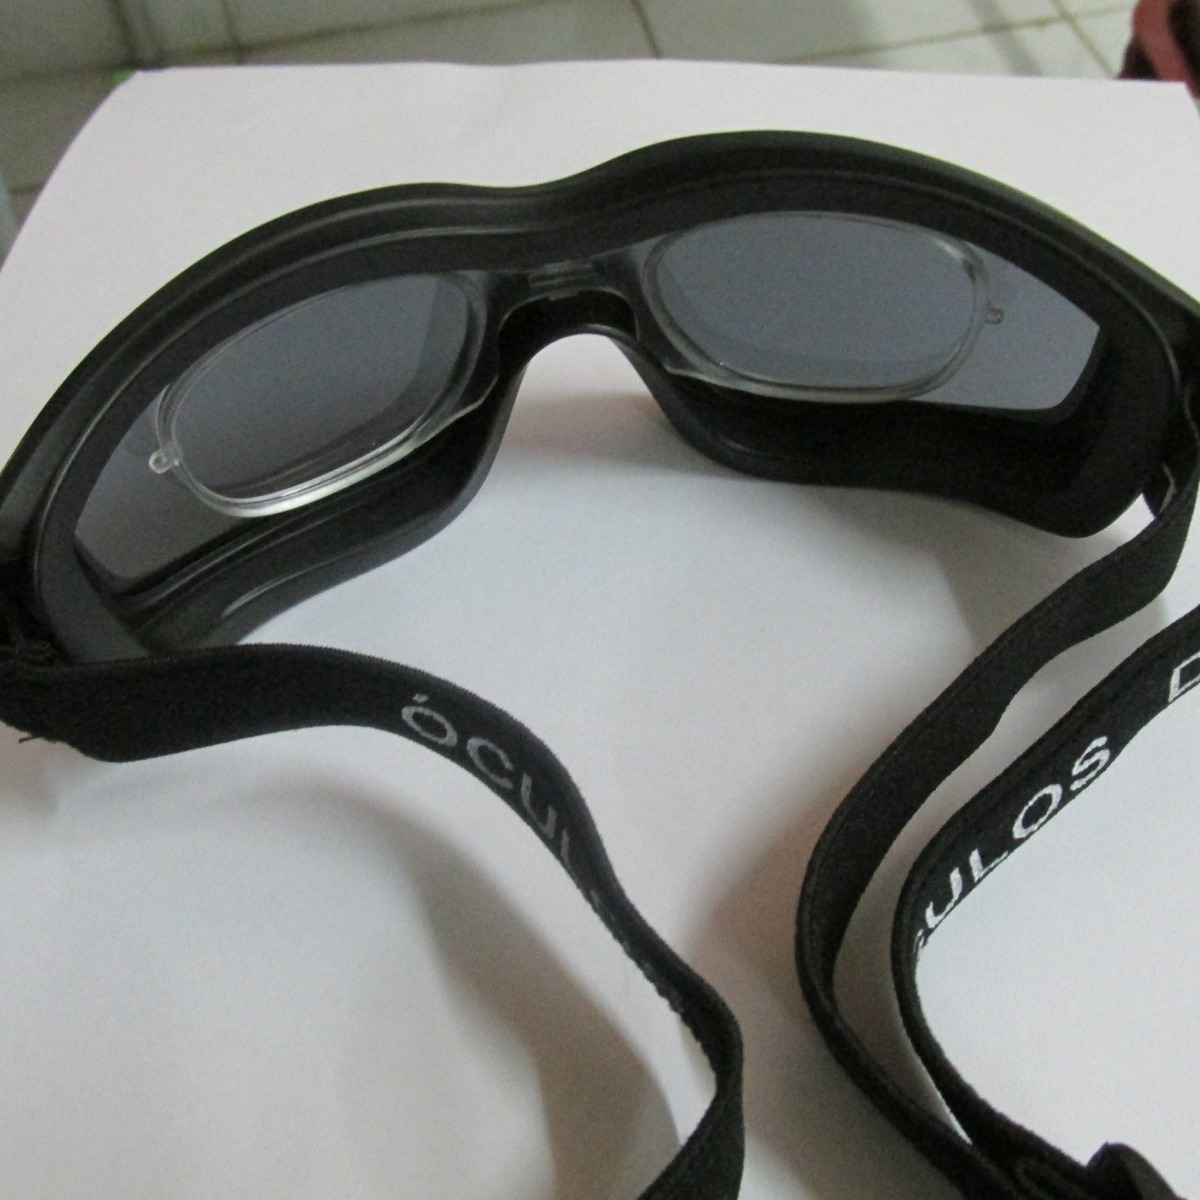 7a0be38f5 óculos d-tech escuro para futebol + adaptador lentes de grau. Carregando  zoom.